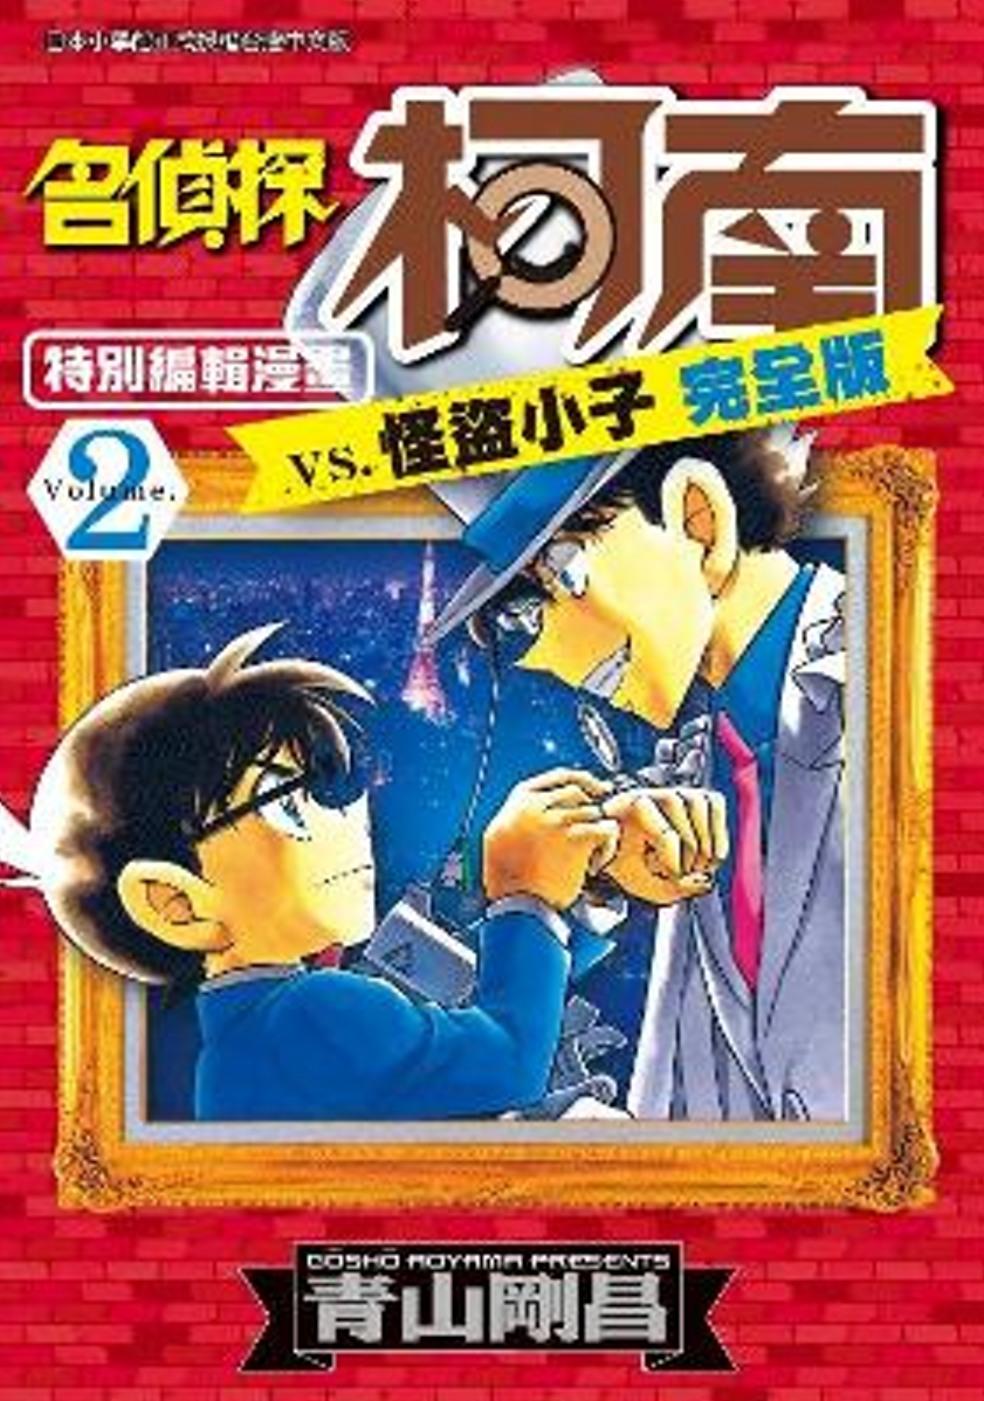 名偵探柯南 vs. 怪盜小子 完全版 (02)